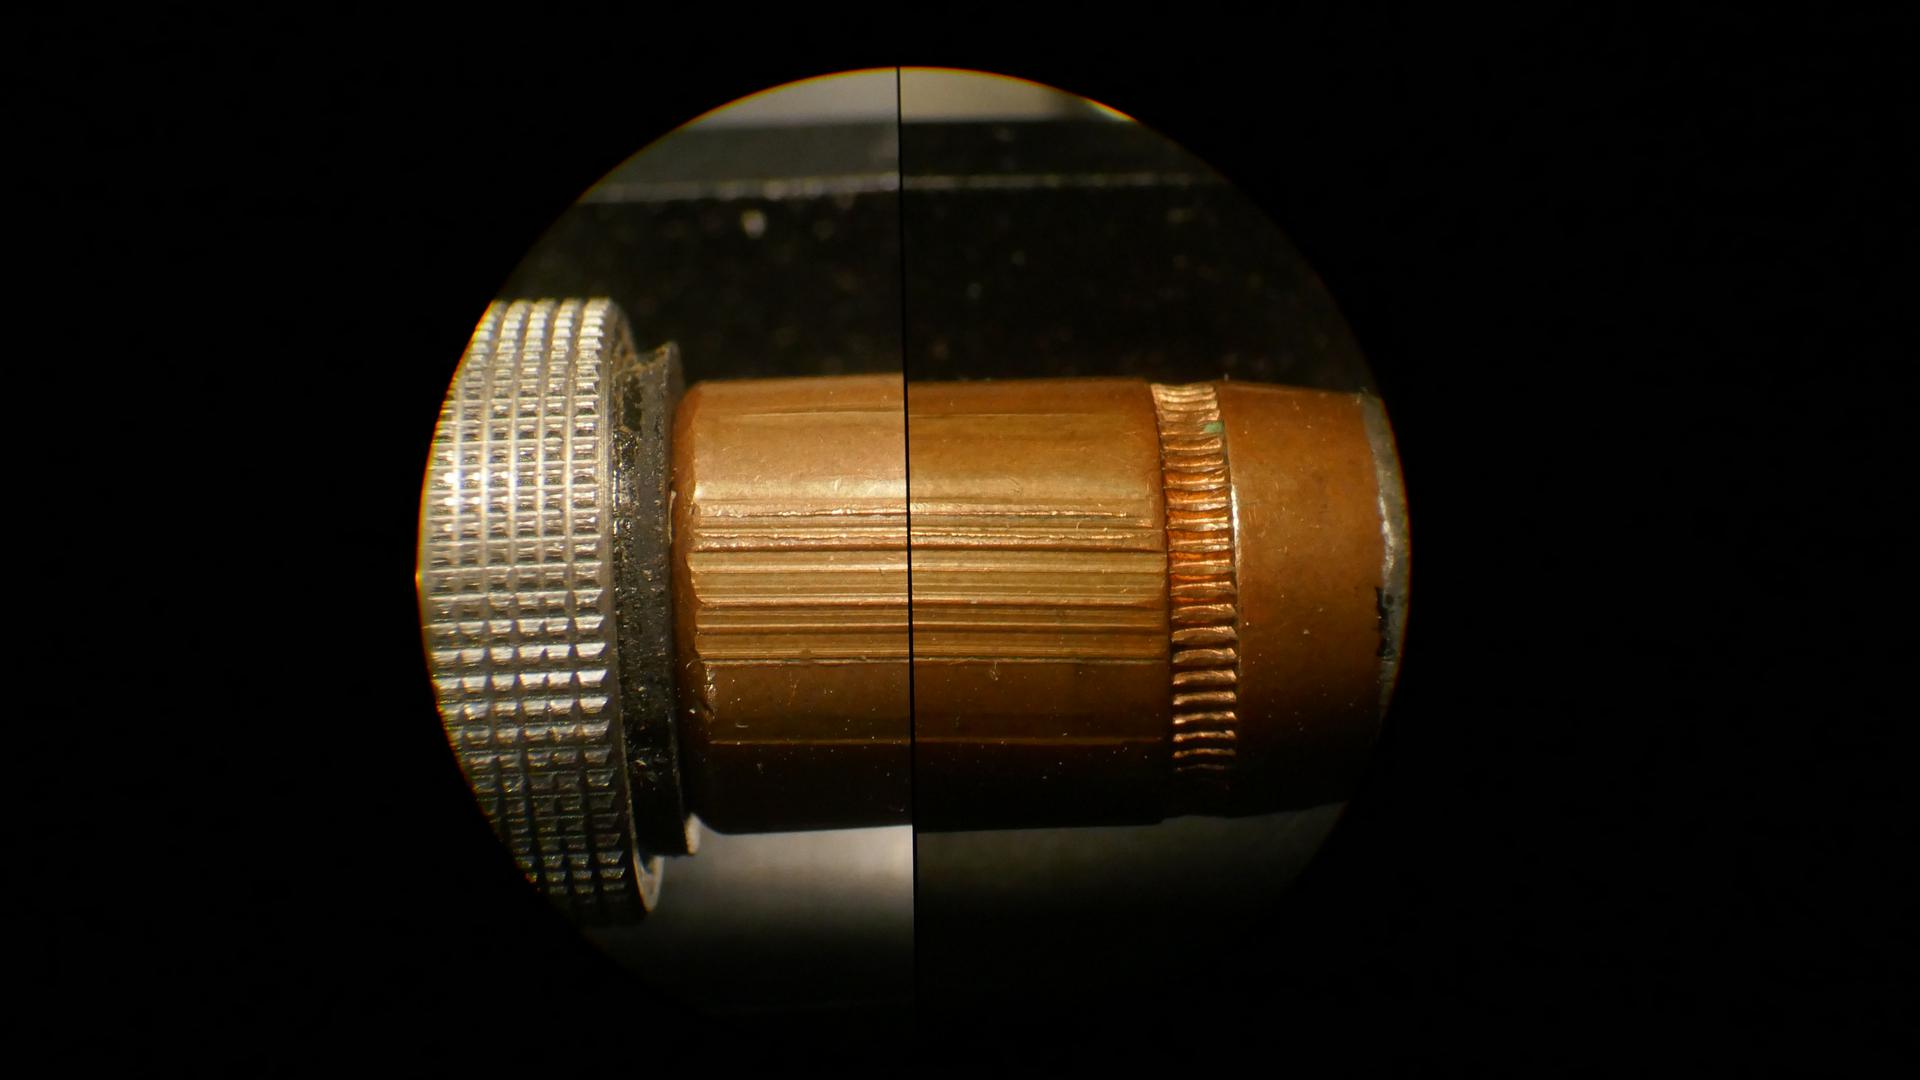 Blick durch ein Vergleichsmikroskop des Landeskriminalamtes auf zwei abgefeuerte Gewehrkugeln